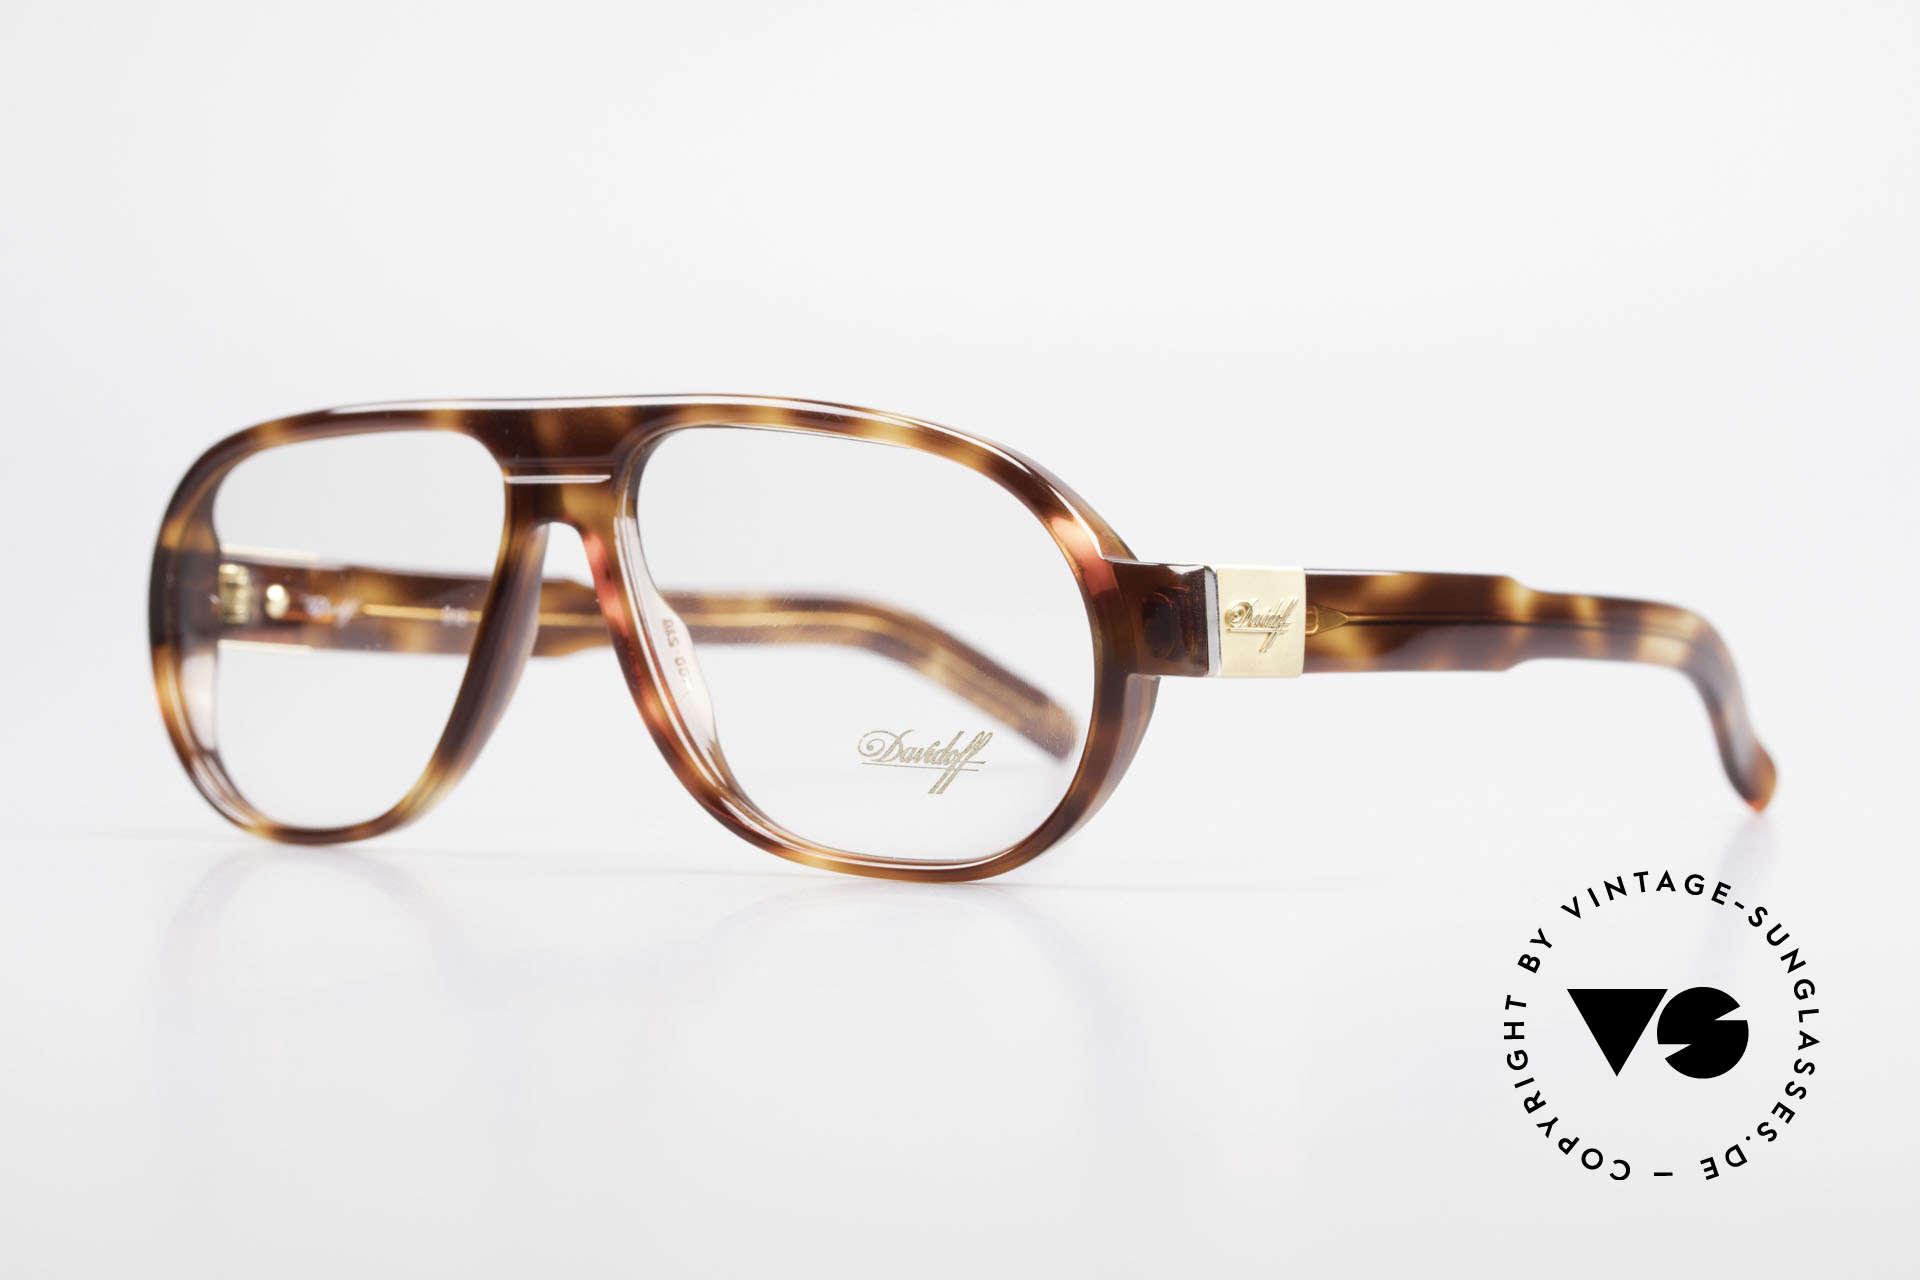 Davidoff 100 90er Herren Vintage Brille, zudem vergoldete Scharniere & Bügel-Applikationen, Passend für Herren